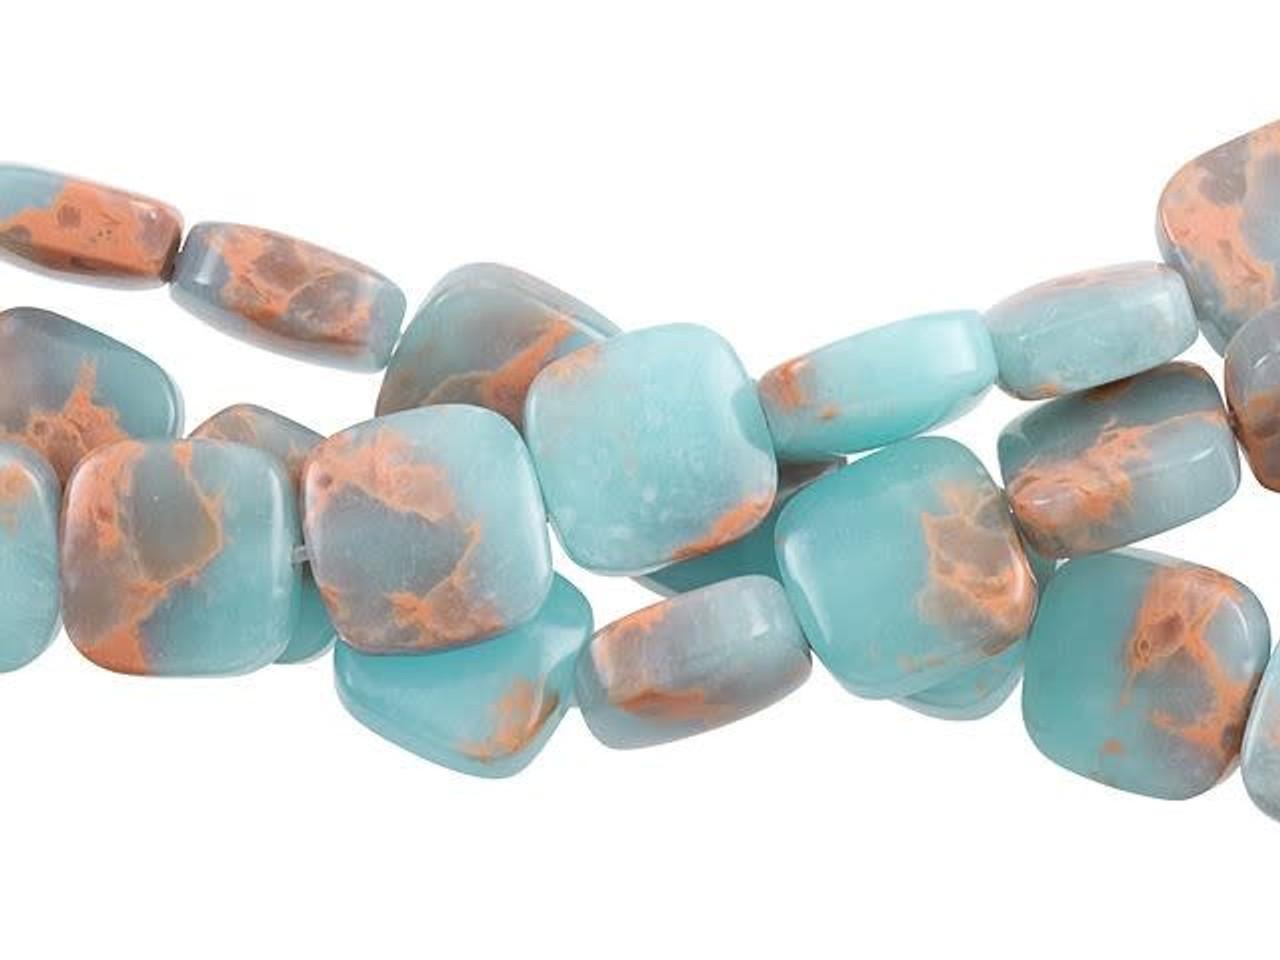 8 Gorgeous Round Midnight Blue Impression Jasper Gemstone Beads 12 mm